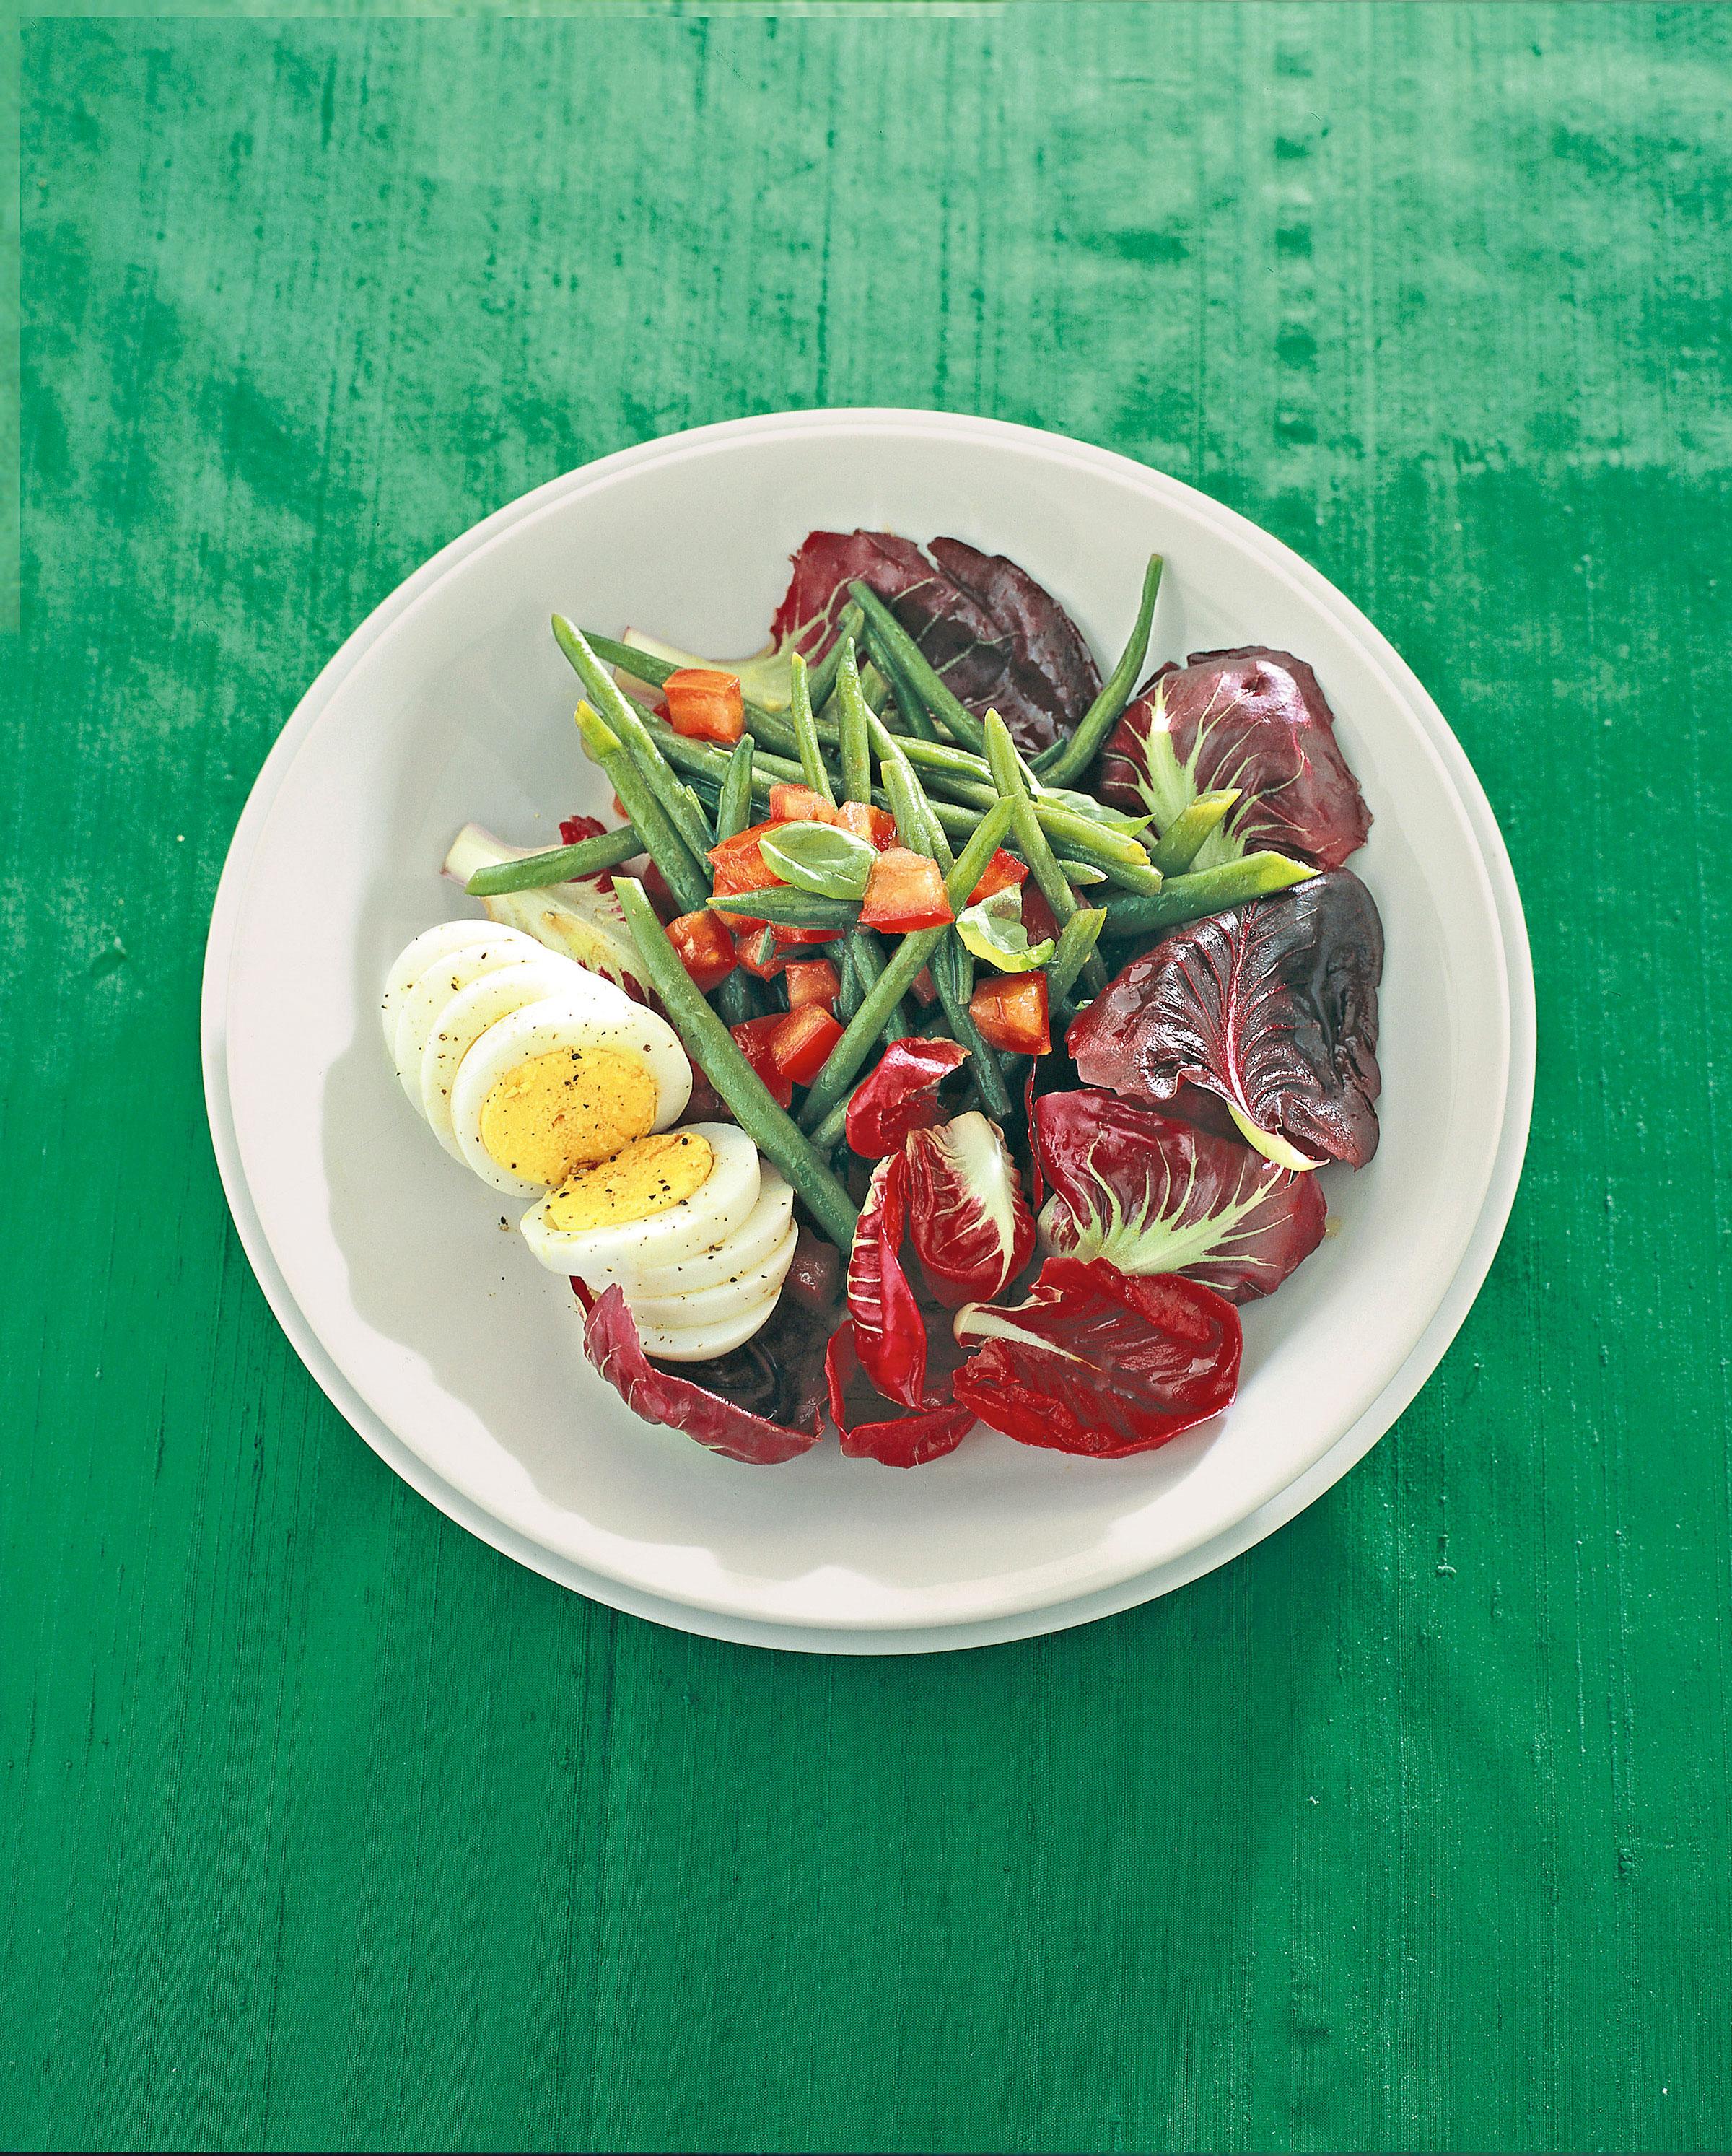 Radicchio rosso fagiolini e uova al profumo di basilico for Uova di pesce rosso